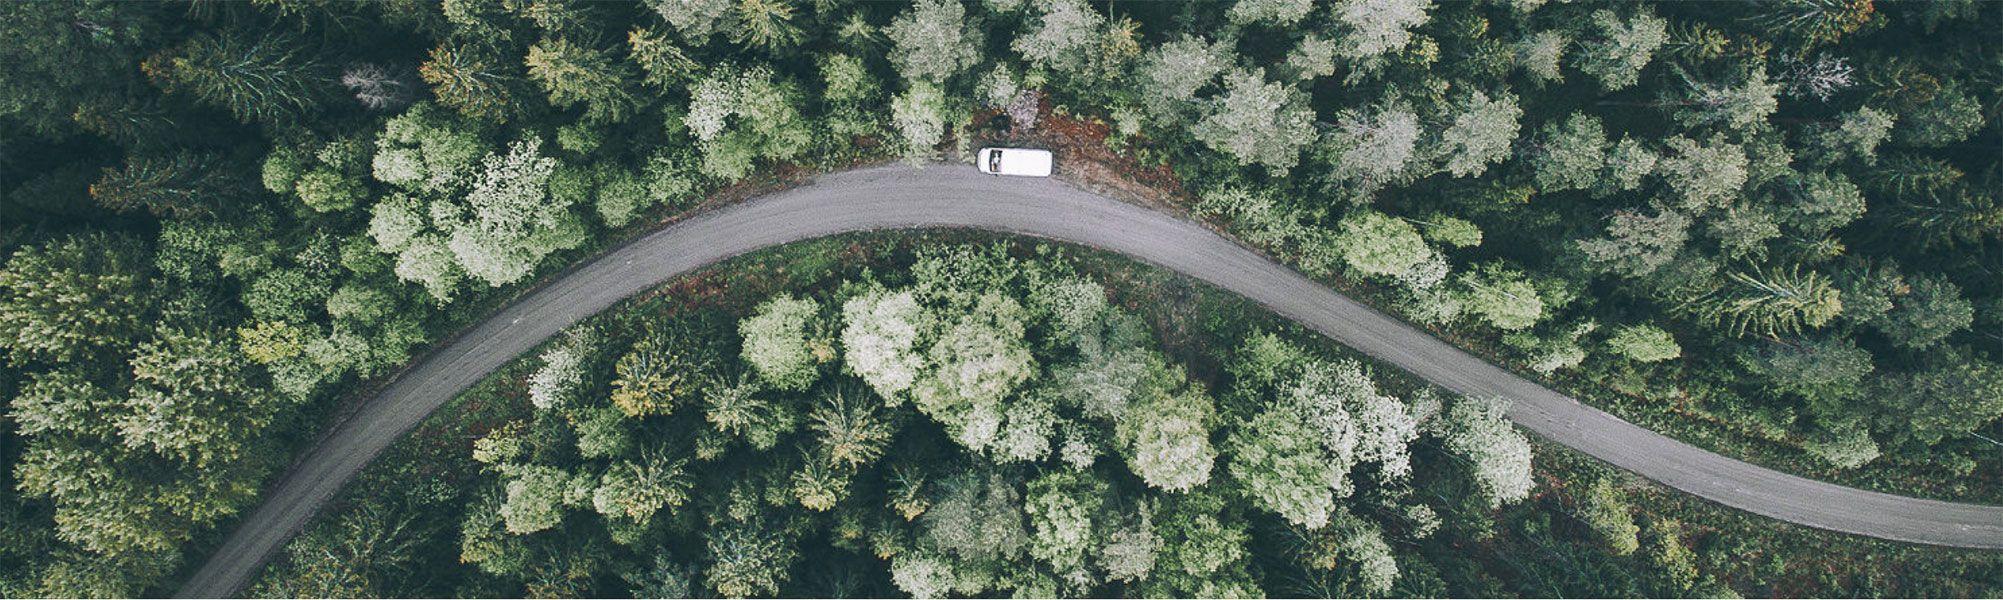 Panorámica de una carretera del curso audiovisual con drones